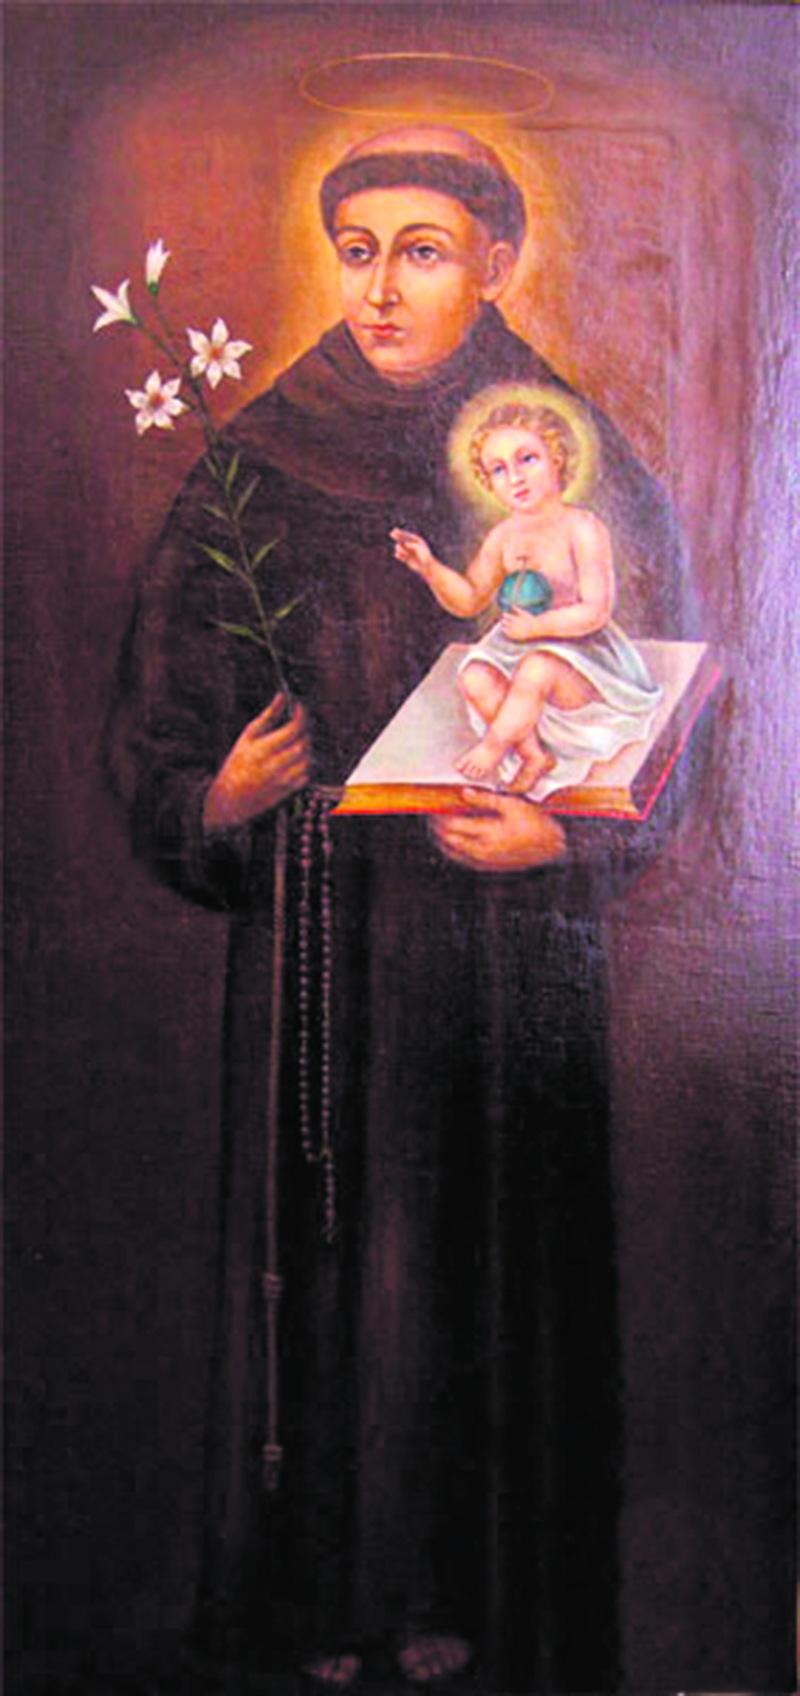 Сявтого Антонія менше ніж через рік після смерті зарахували до лмку святих